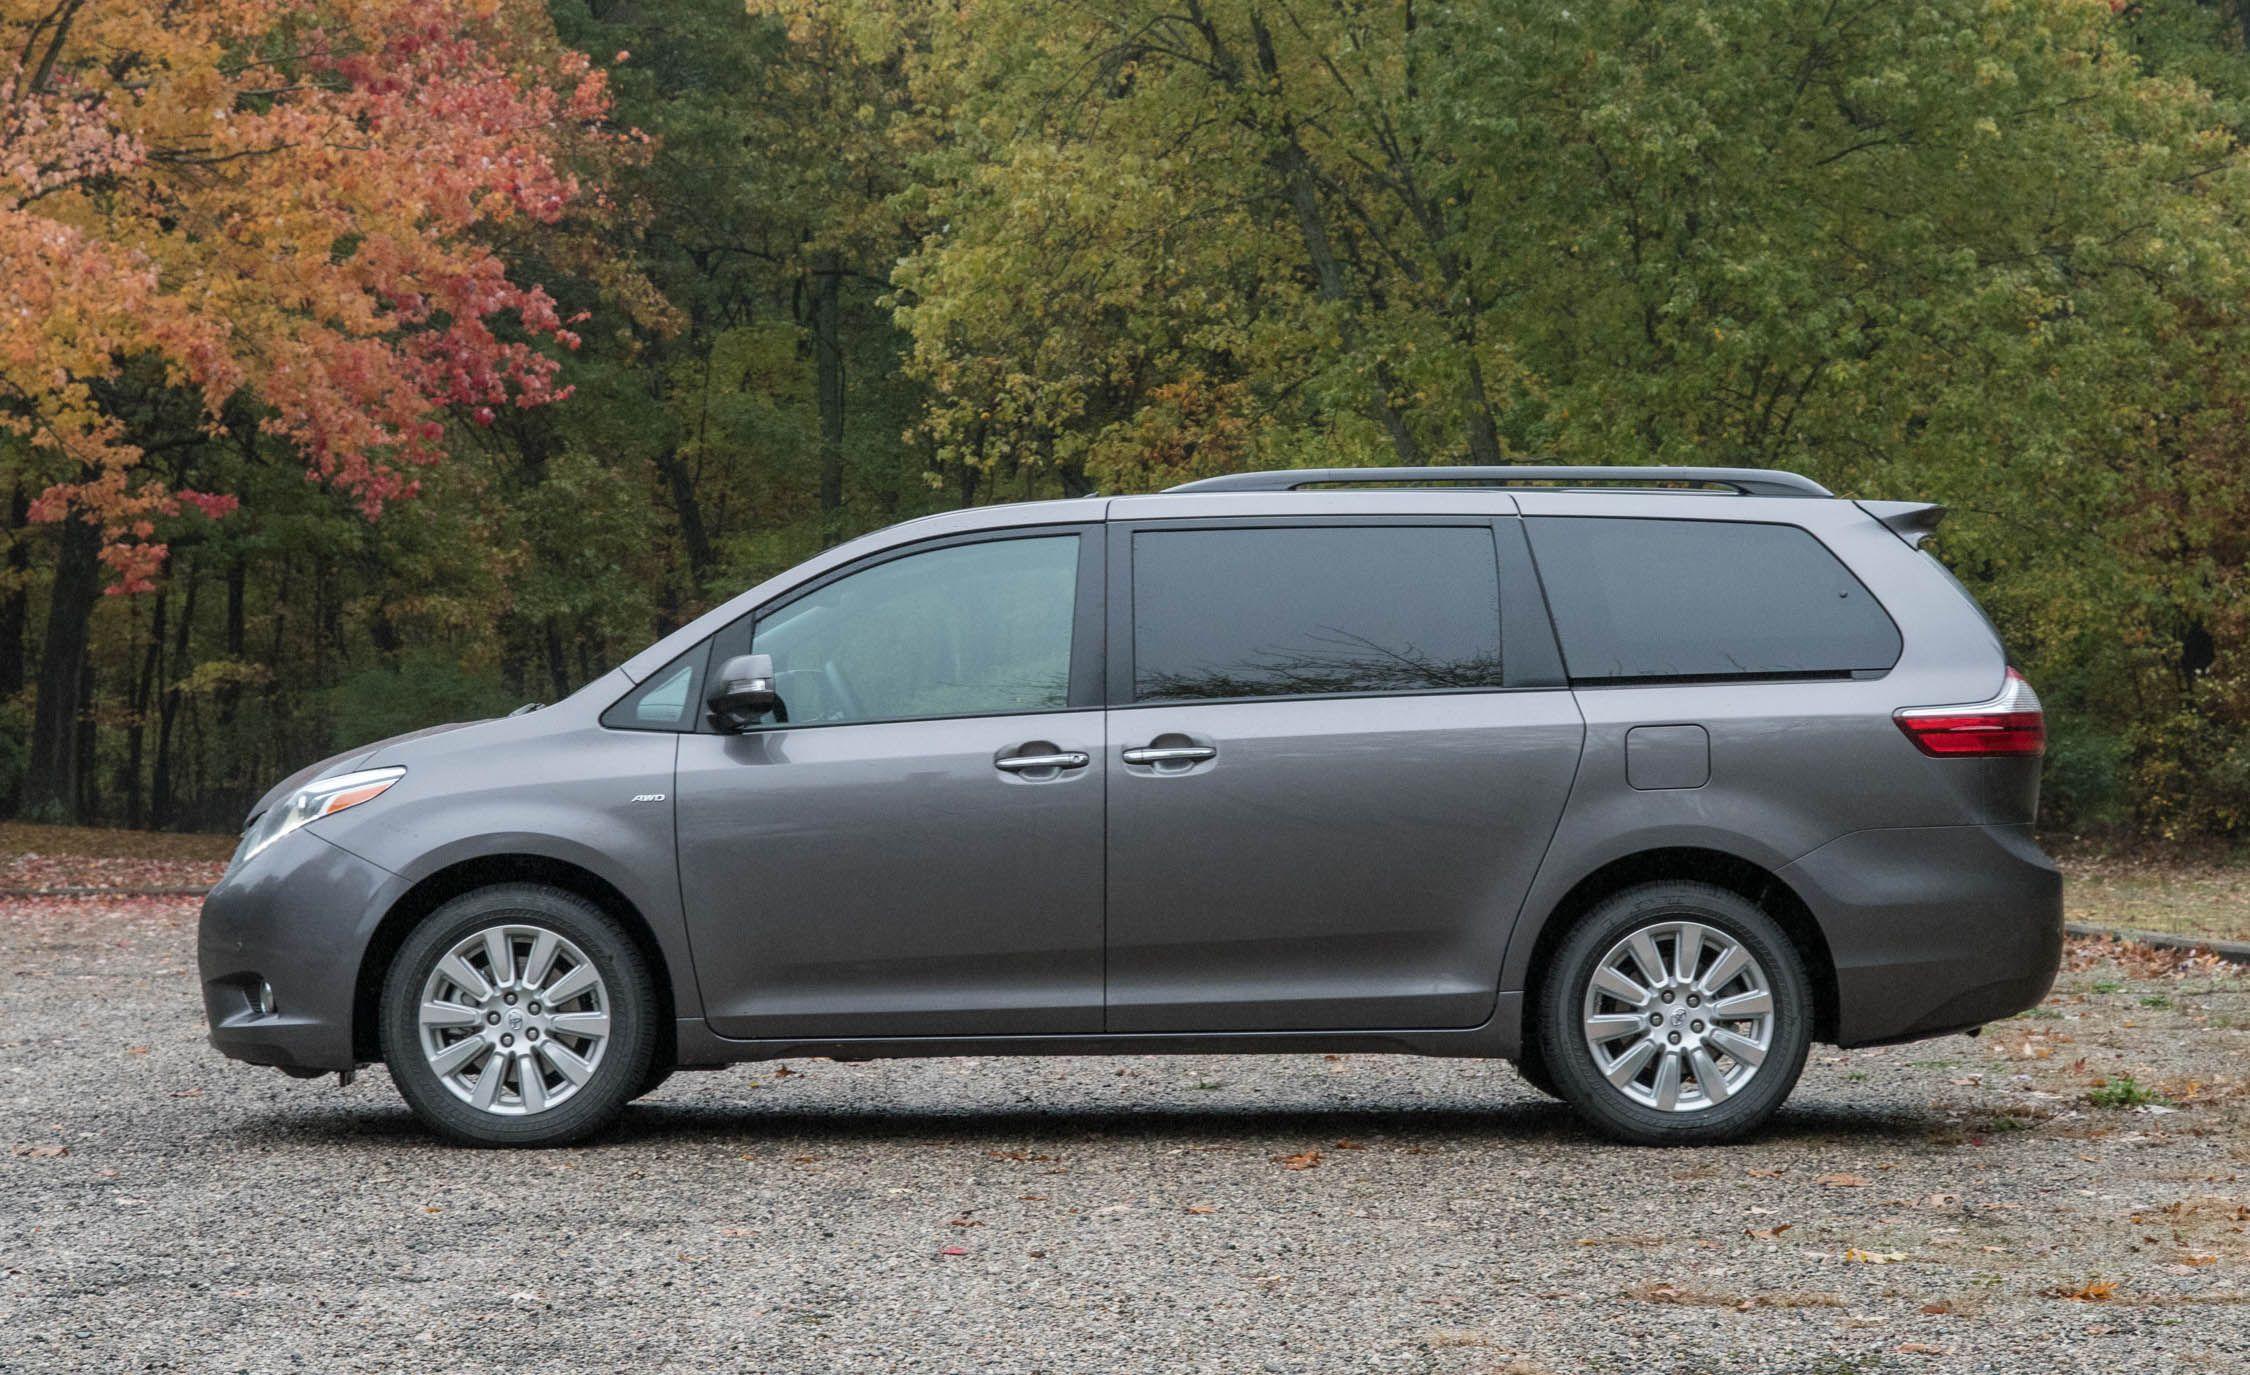 Toyota Sienna Service Manual: Hydraulic test